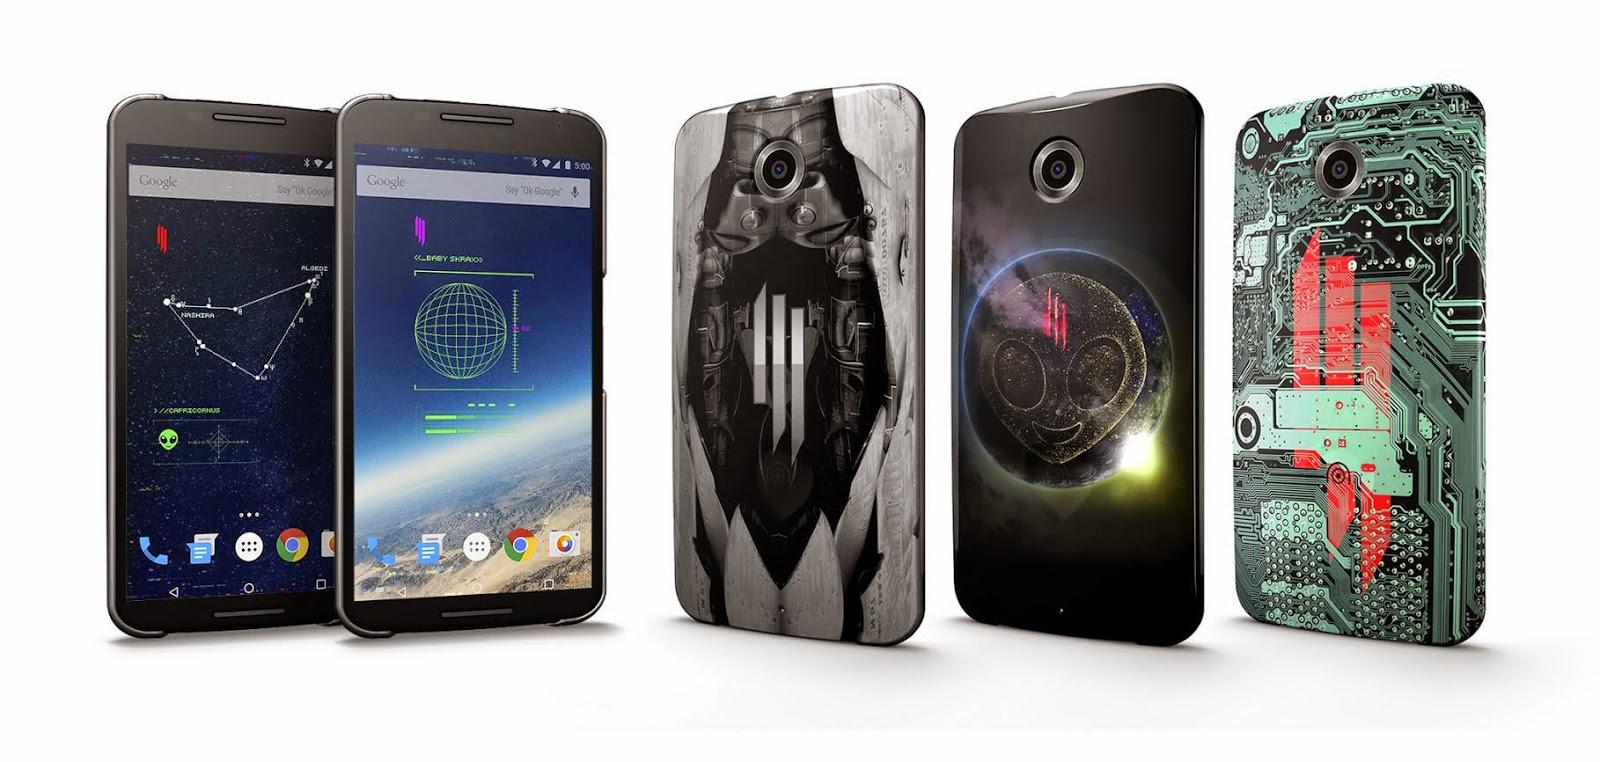 Skrillex Live Case pro Nexus 5, Nexus 6, Galaxy S5, Galaxy S6 a Galaxy Note 4